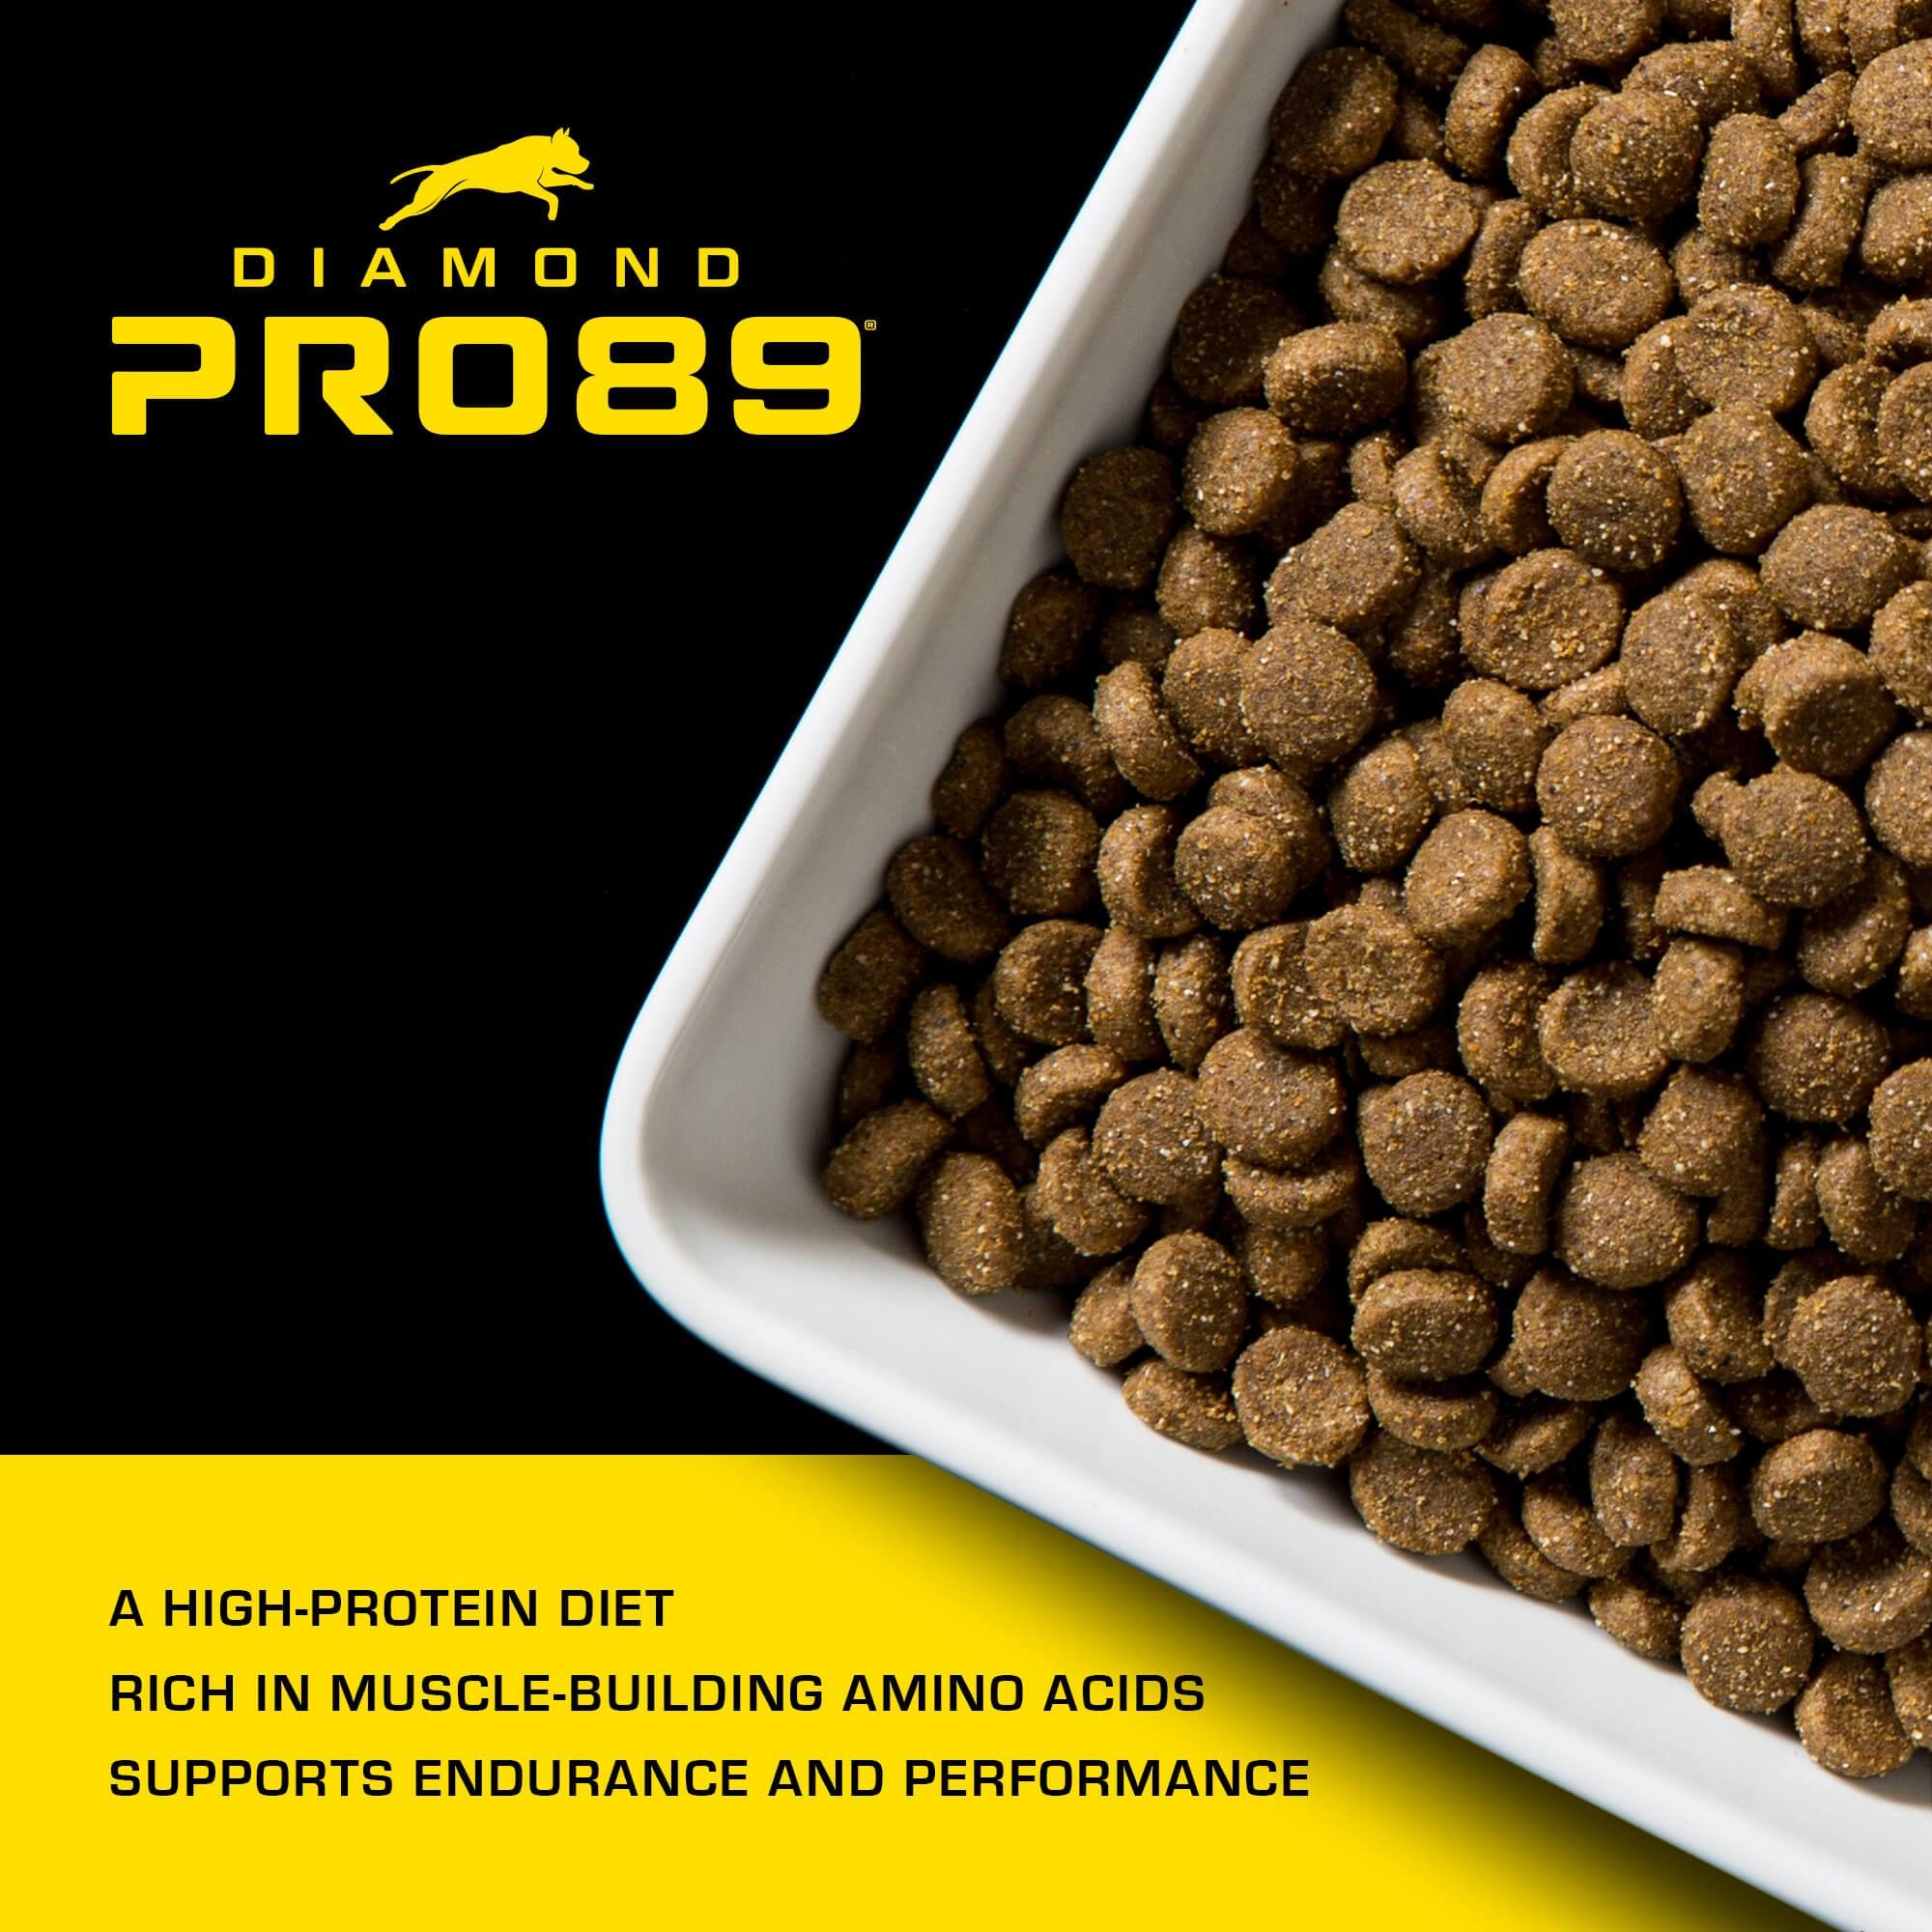 bowl of Pro89 kibble | Diamond Pro89